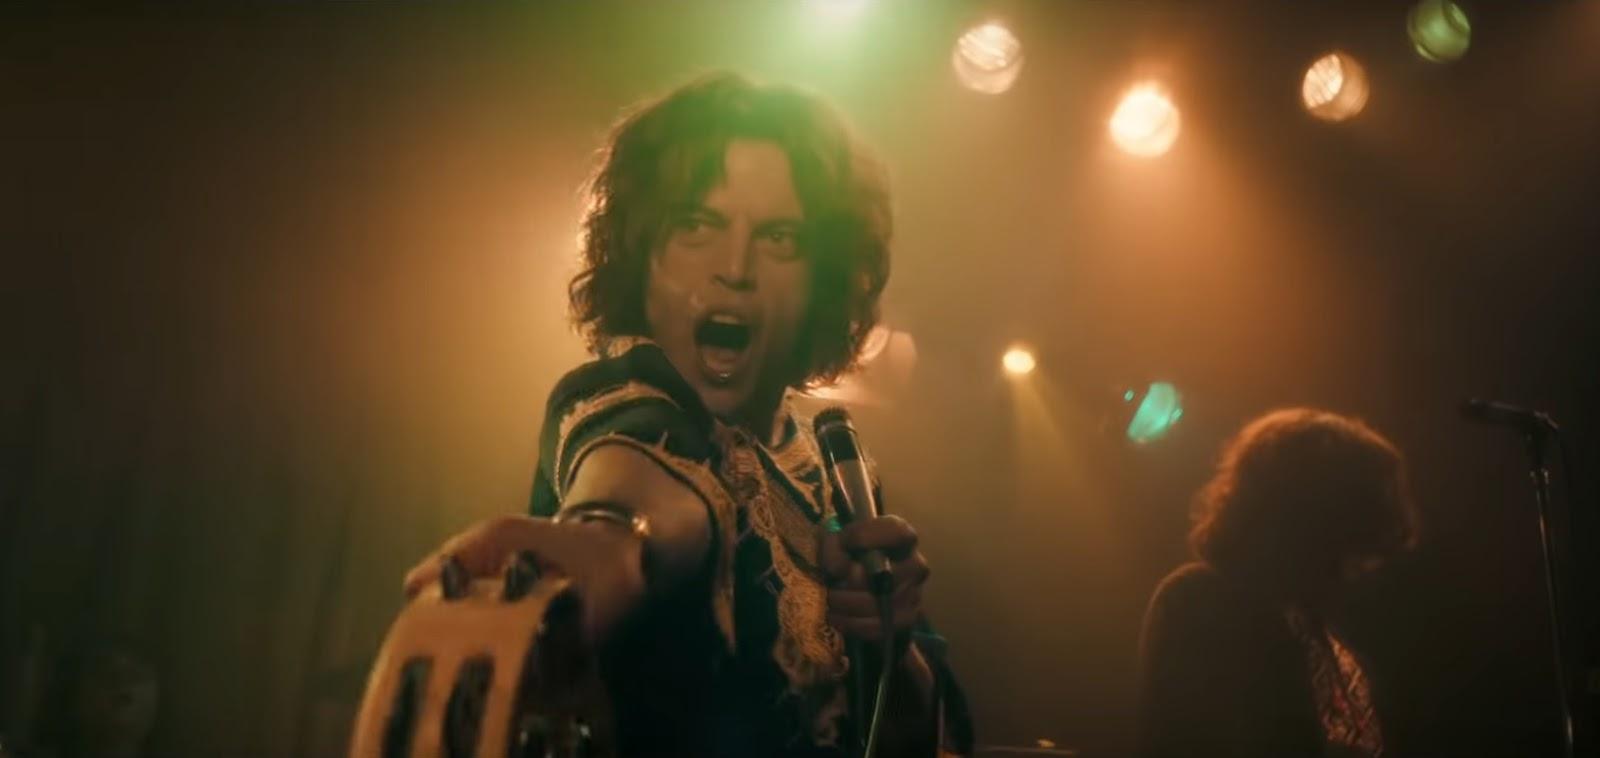 recenzja filmu Bohemian Rhapsody